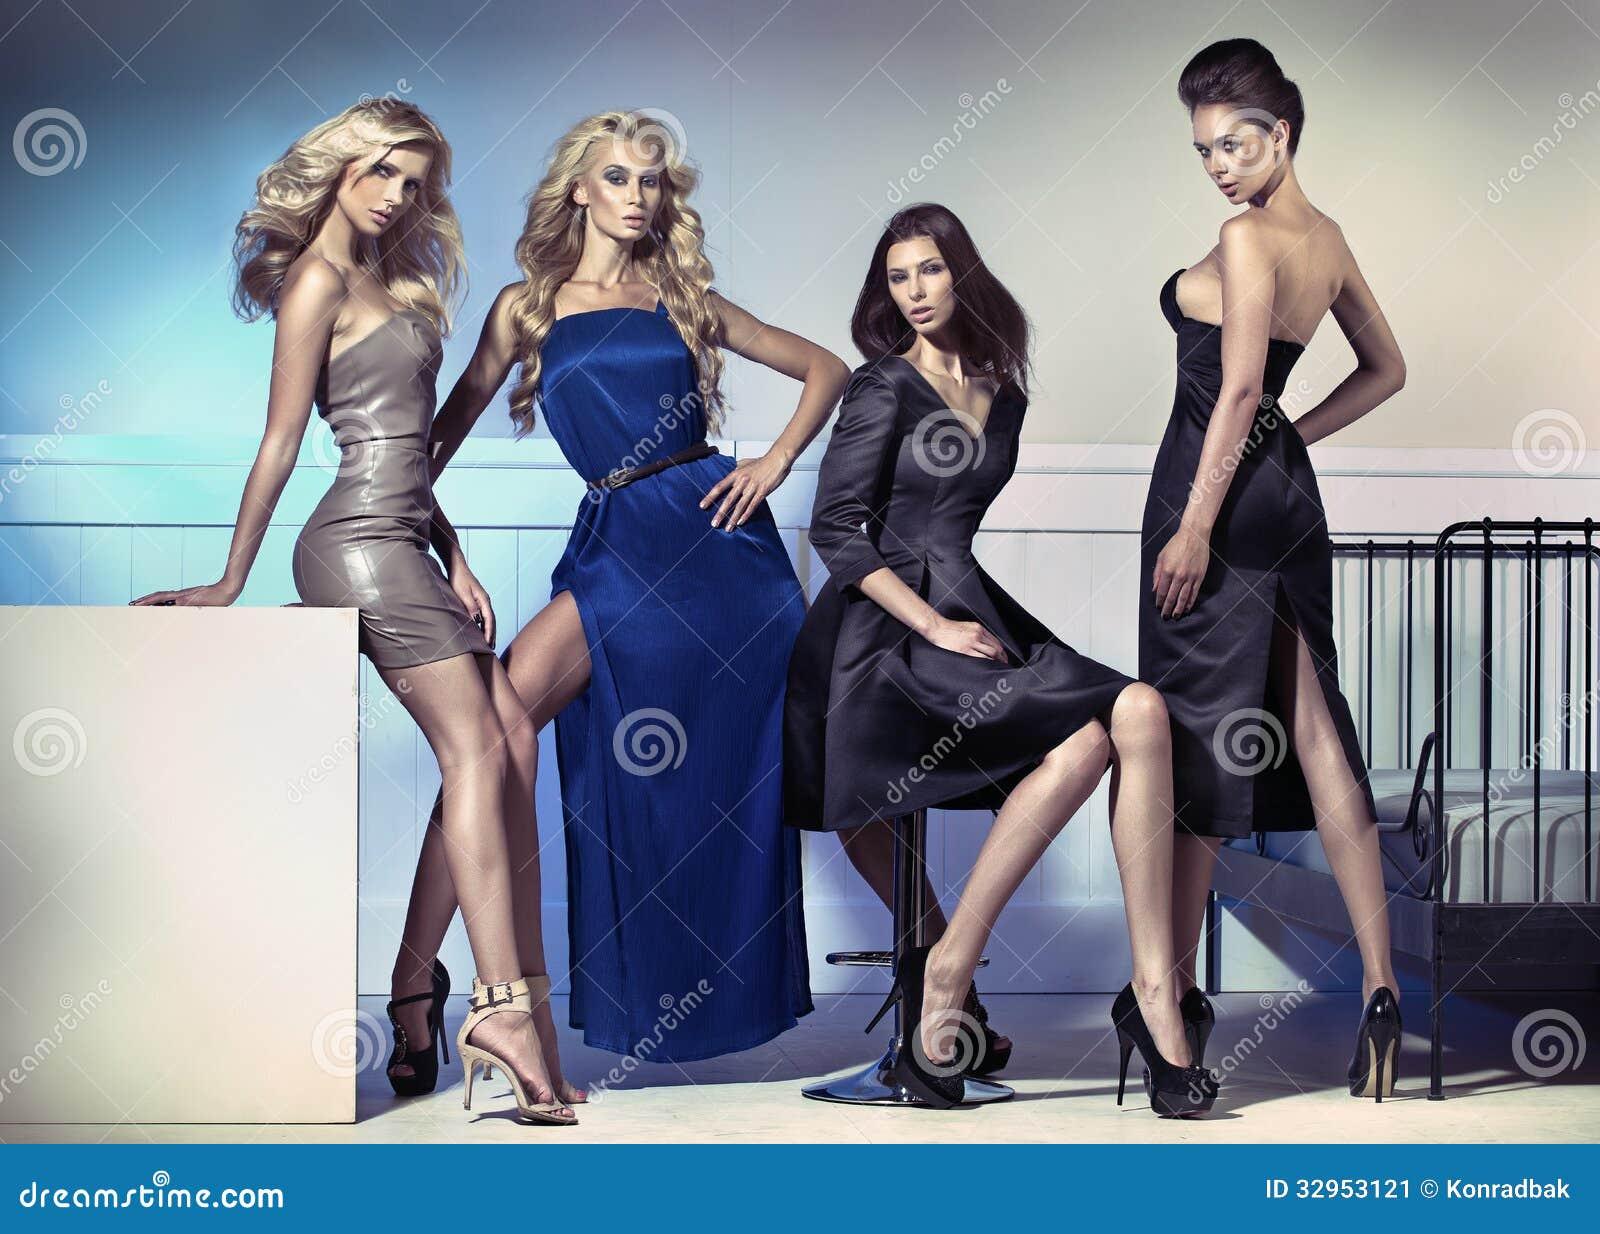 Modebild von vier attraktiven weiblichen Modellen